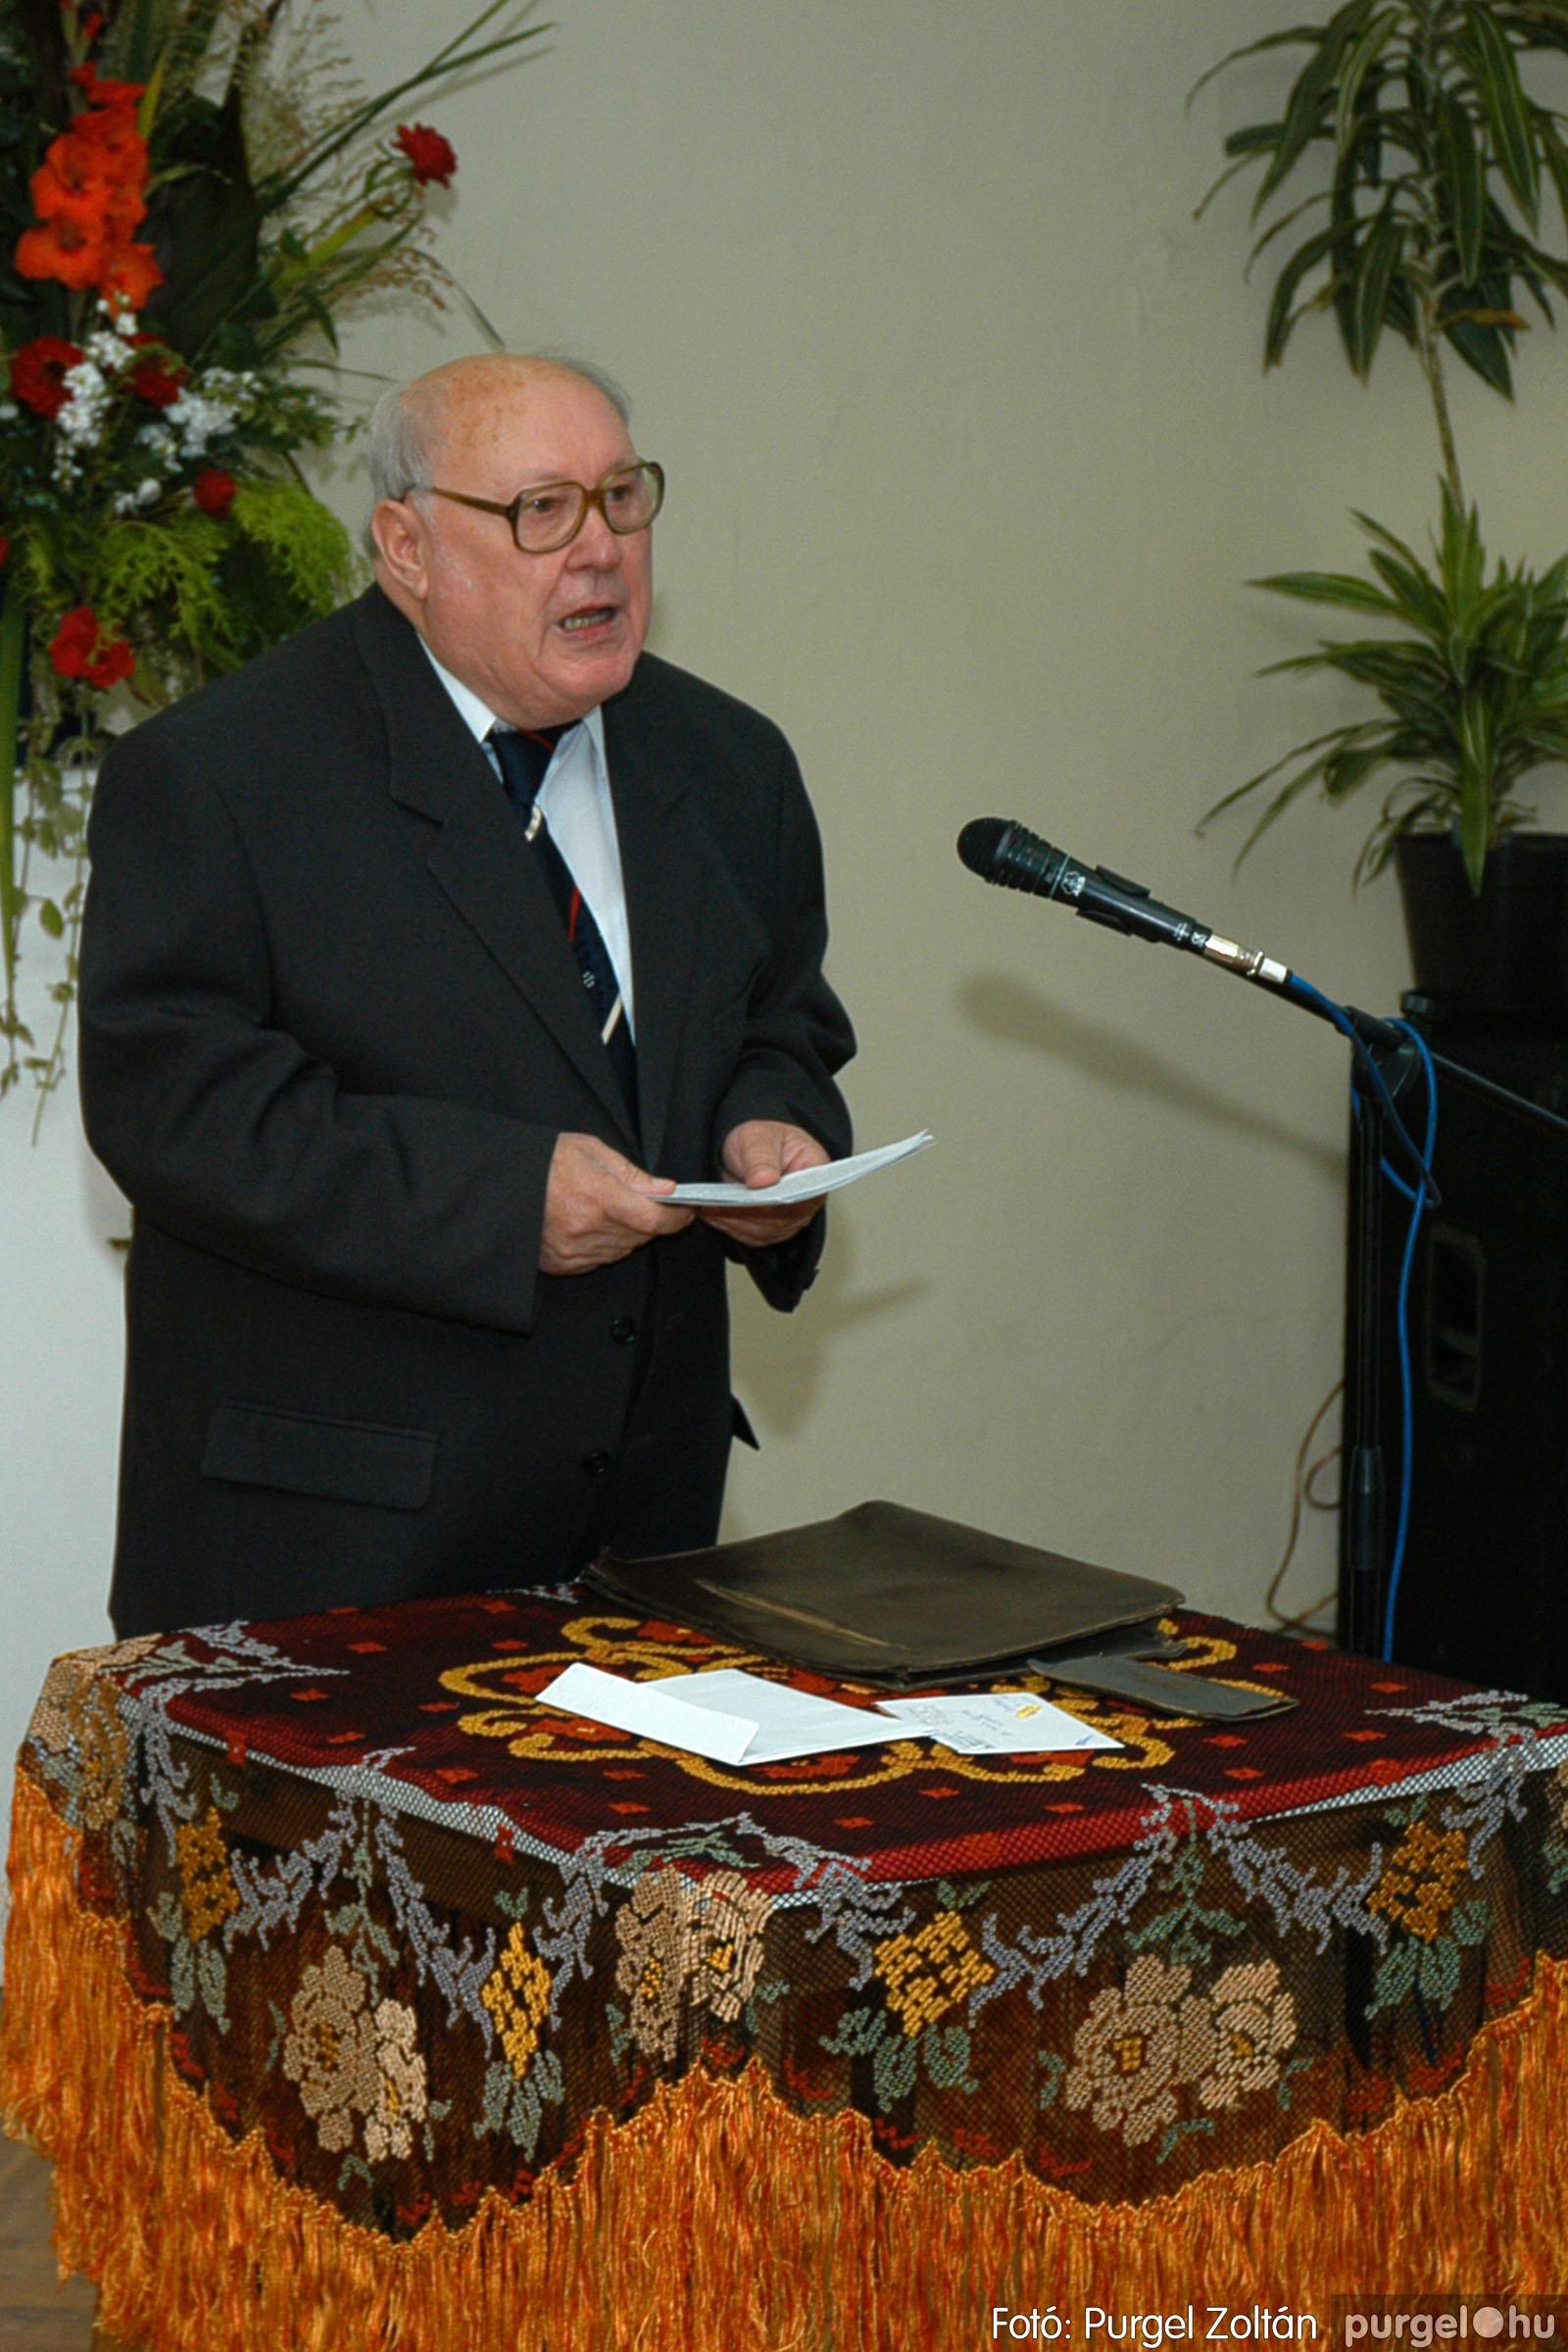 2004.09.25. 013 Dr. Csergő Károly alispán és kora című kiállítás és emléktábla avatás - Fotó:P. Z.©.jpg